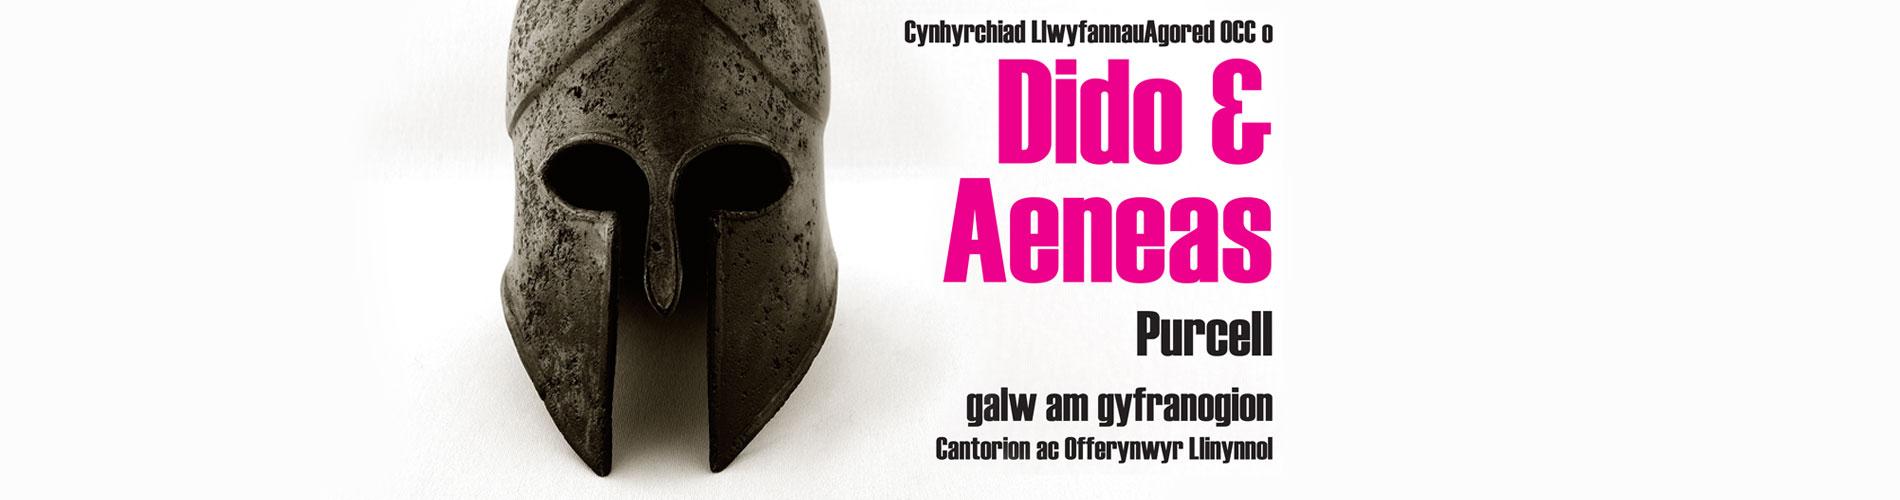 Cynhyrchiad LlwyfannauAgored OCC o Dido & Aeneas Purcell - galw am gyfranogion Cantorion ac Offerynwyr Llinynnol